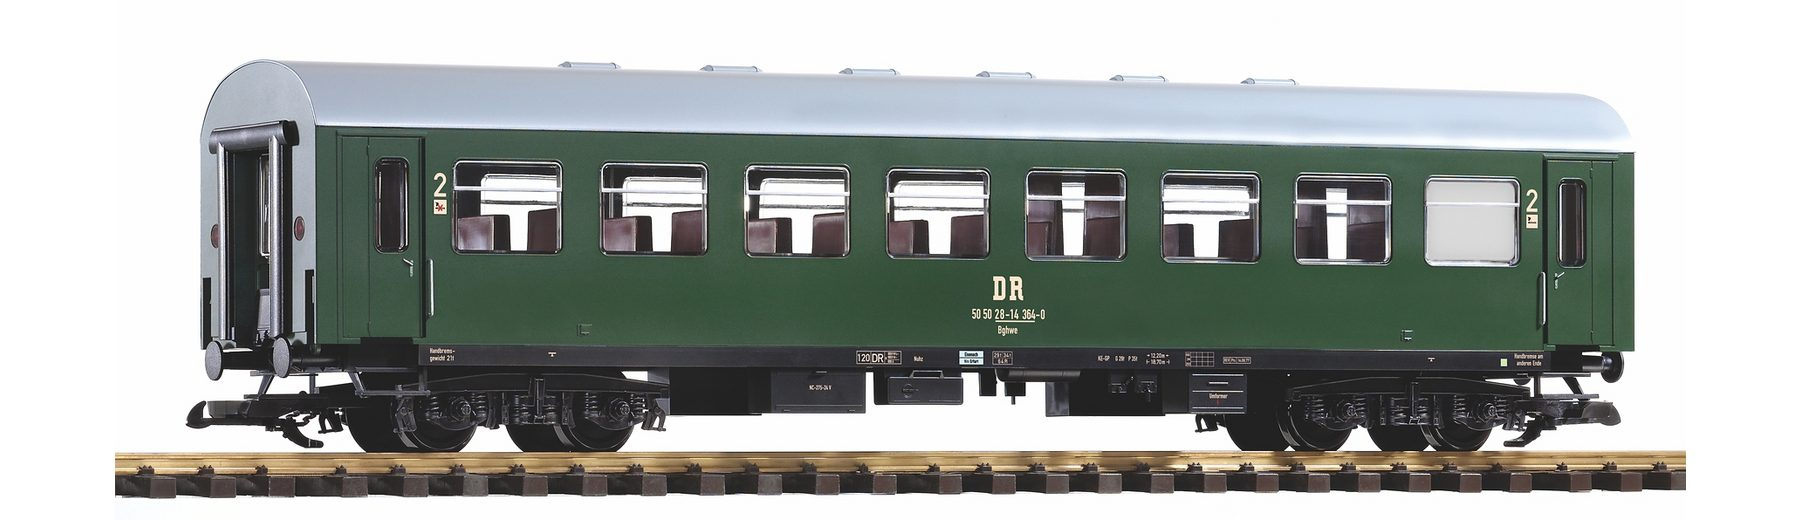 PIKO Personenwagen, Spur G, »Reko-Wagen, 2.Klasse, DR, 50 50 28-14 - Gleichstrom«